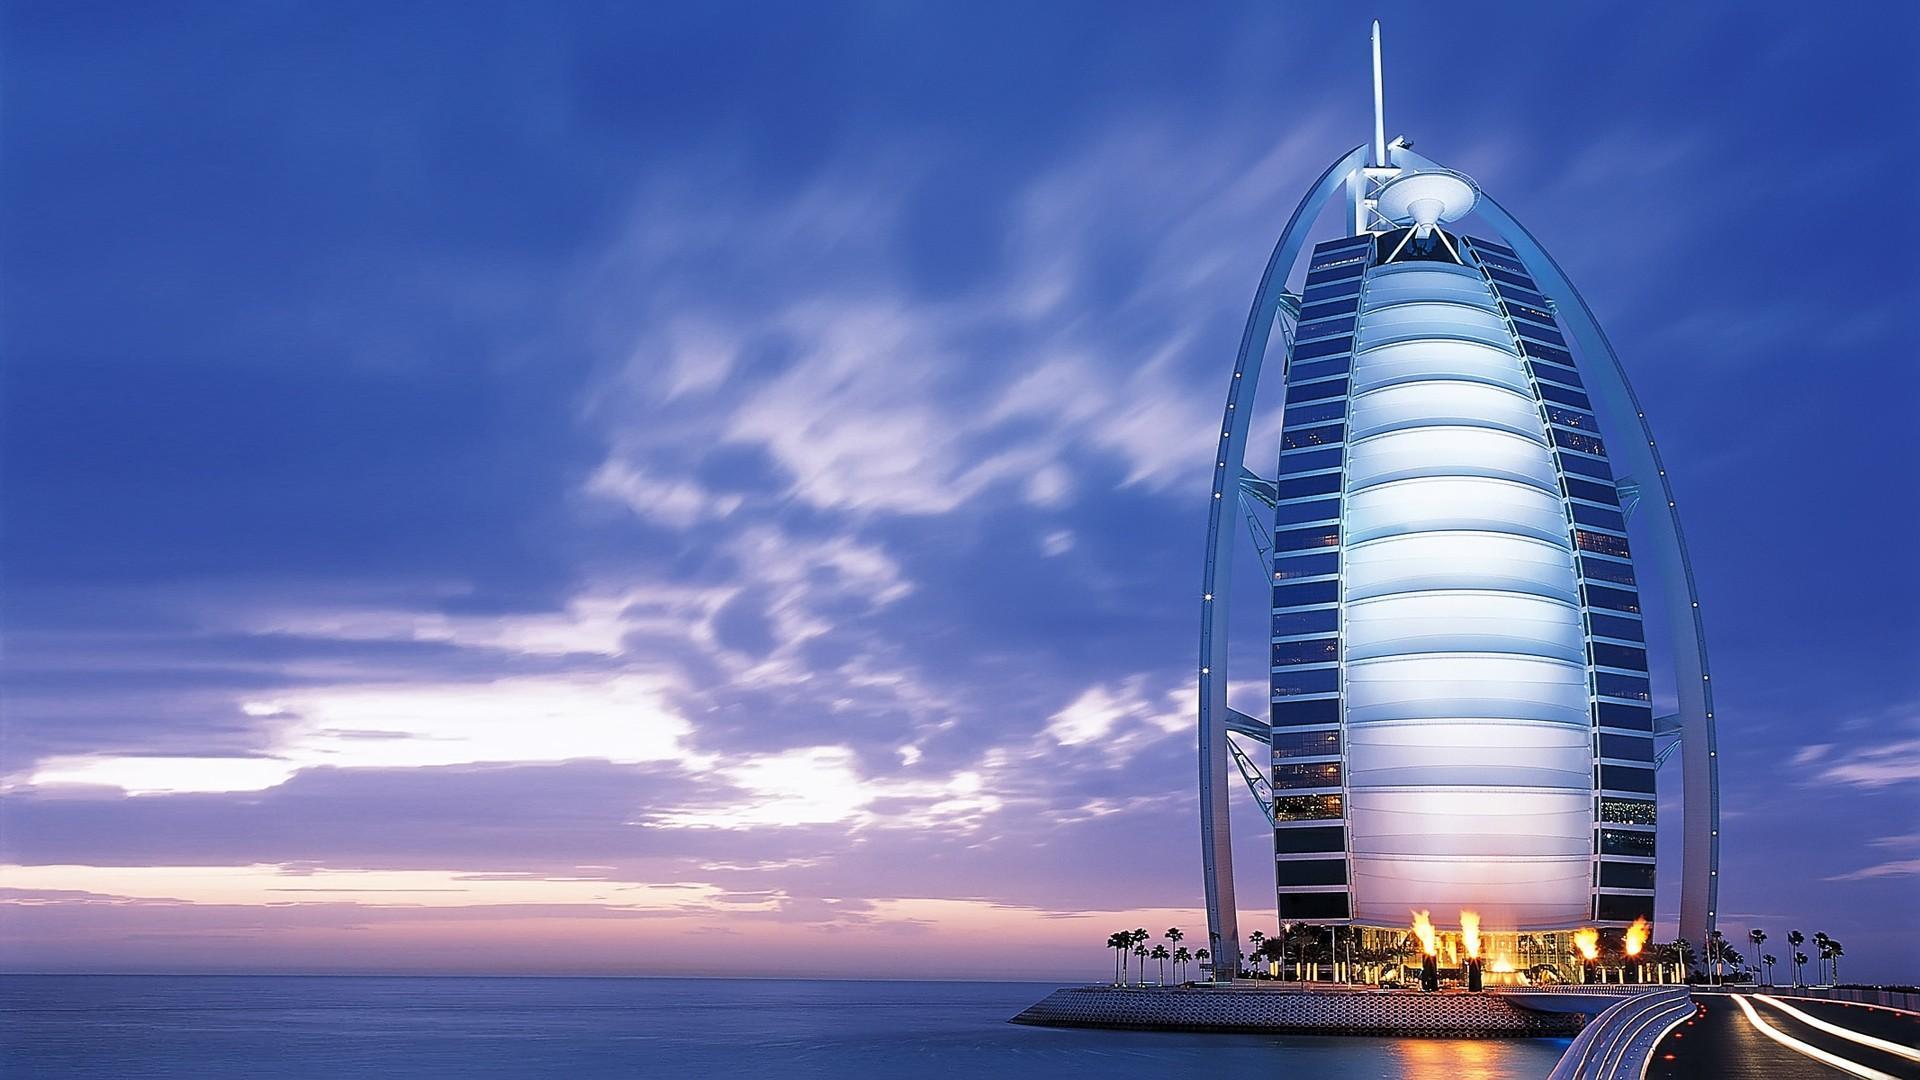 Отеля Парус в Дубаи (ОАЭ) обои для рабочего стола, картинки, фото ...